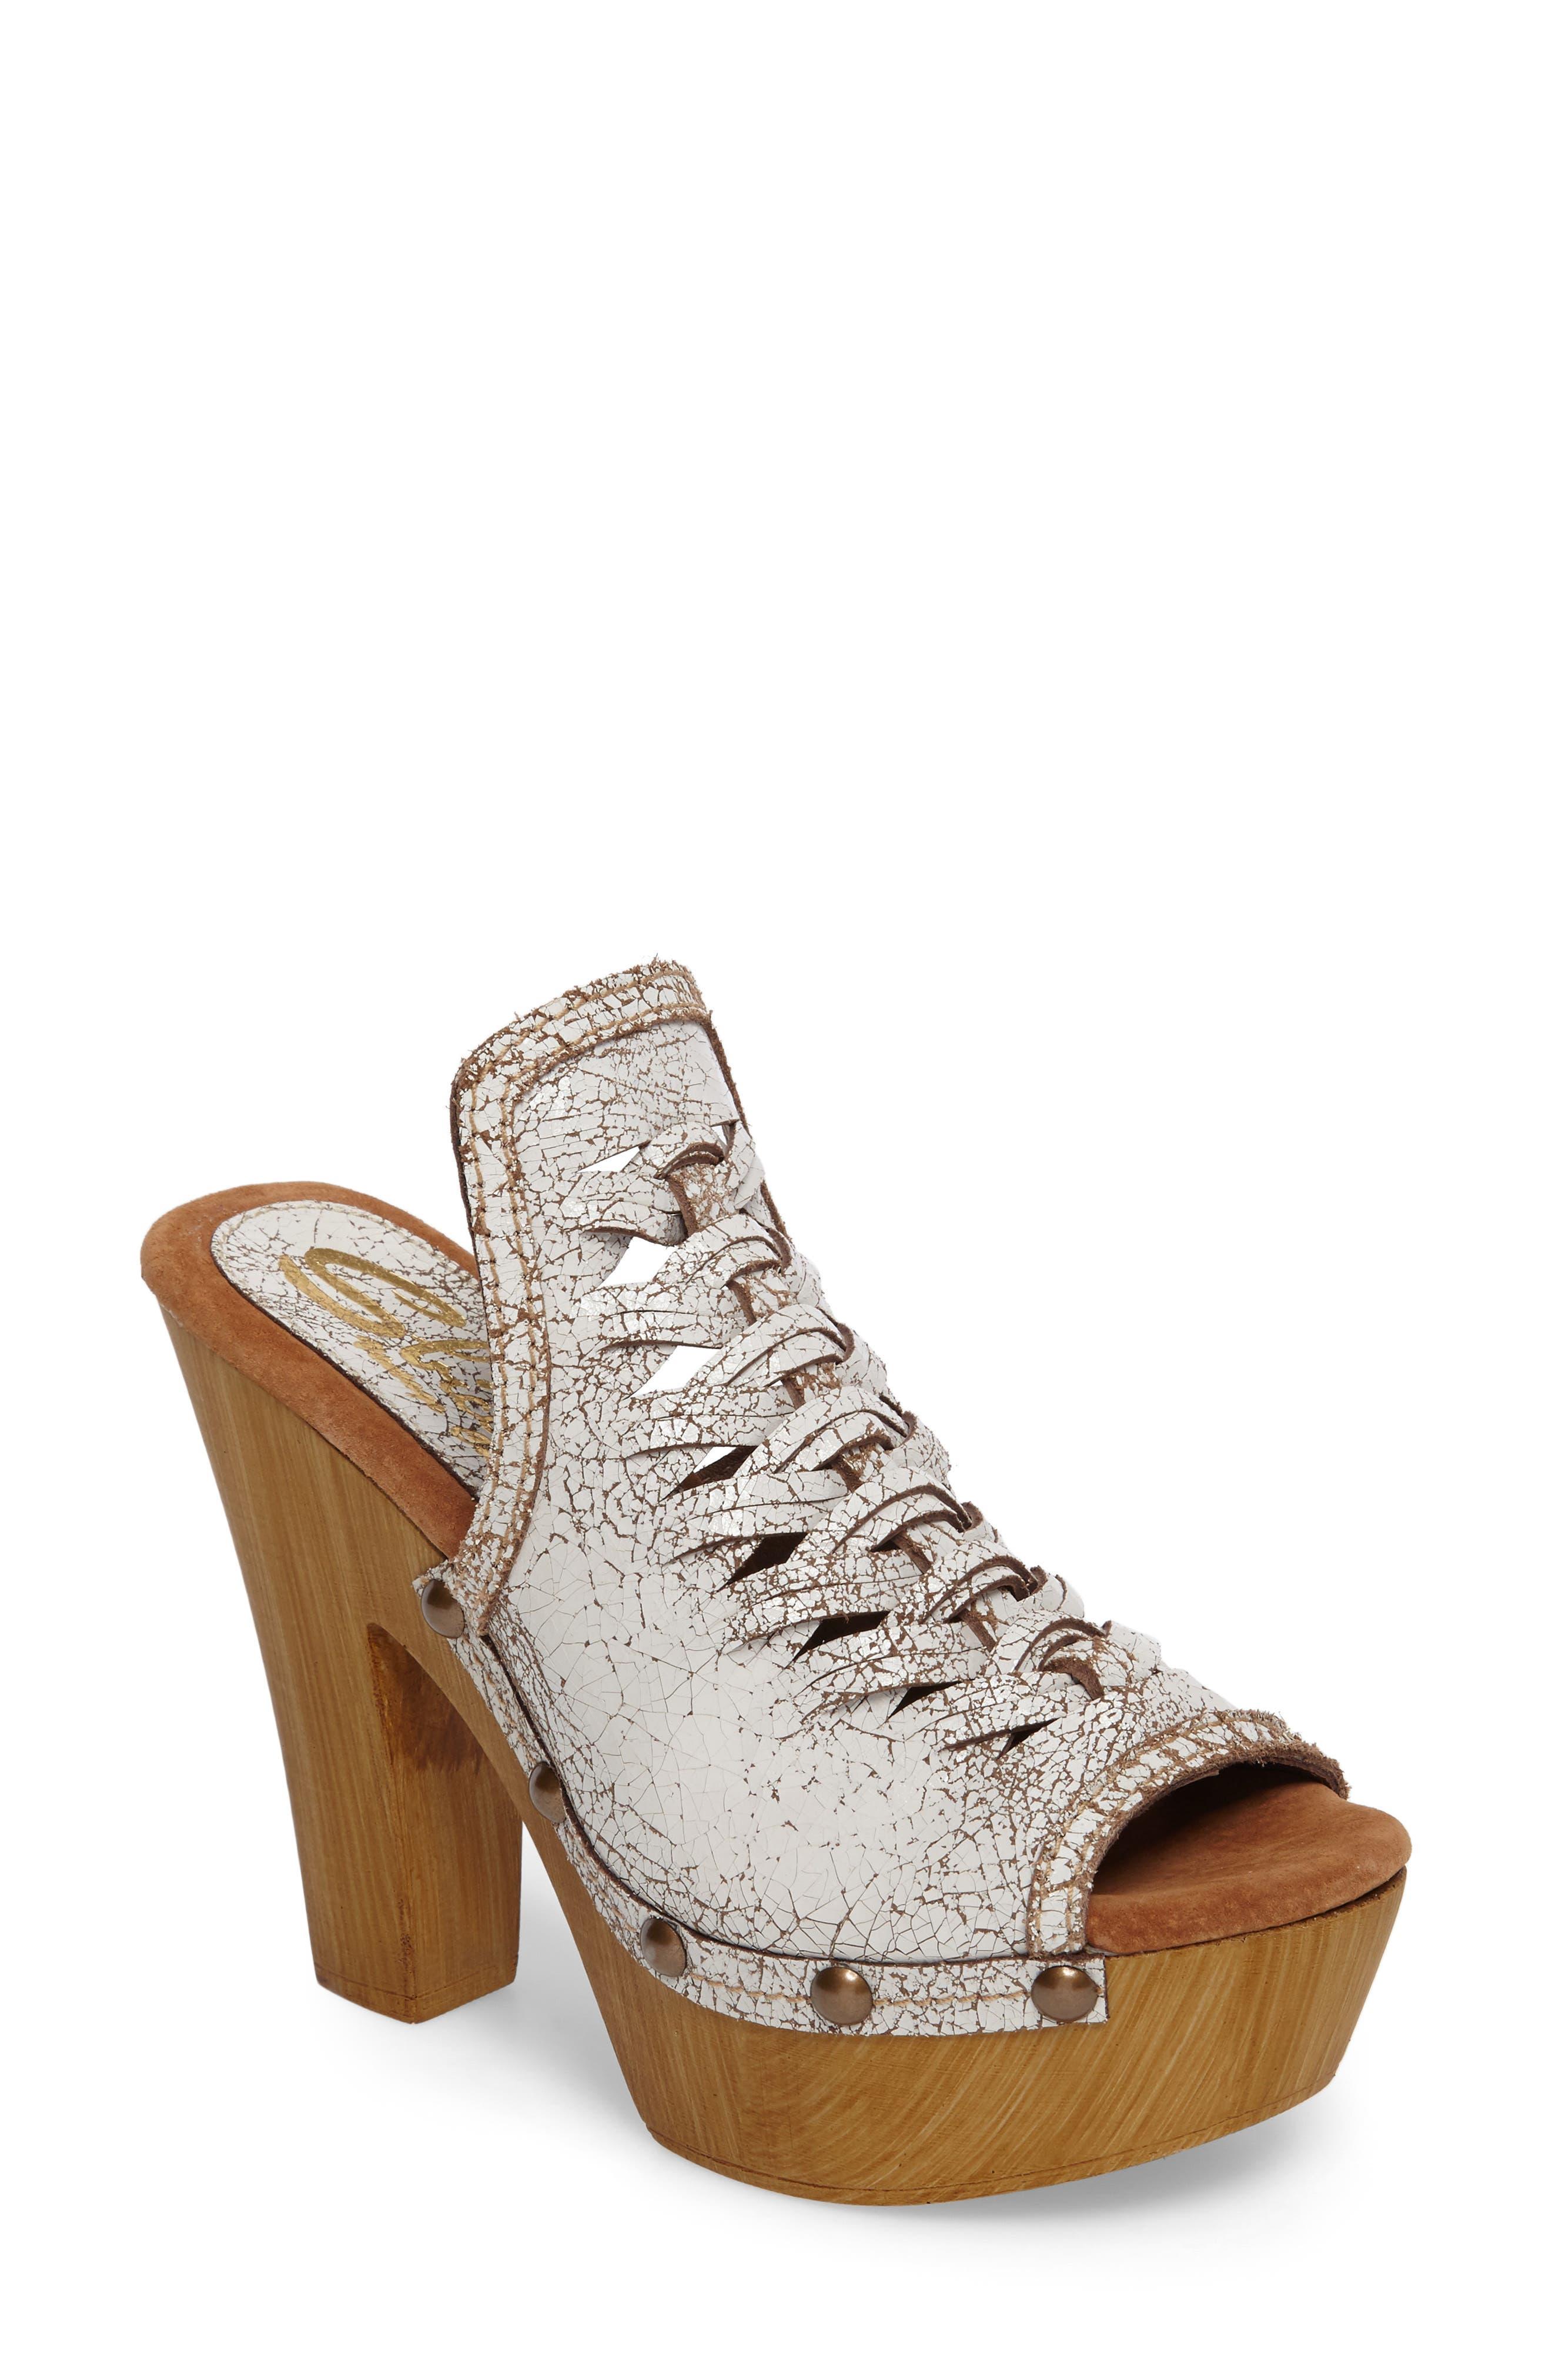 Kinga Platform Sandal,                             Main thumbnail 1, color,                             White Leather